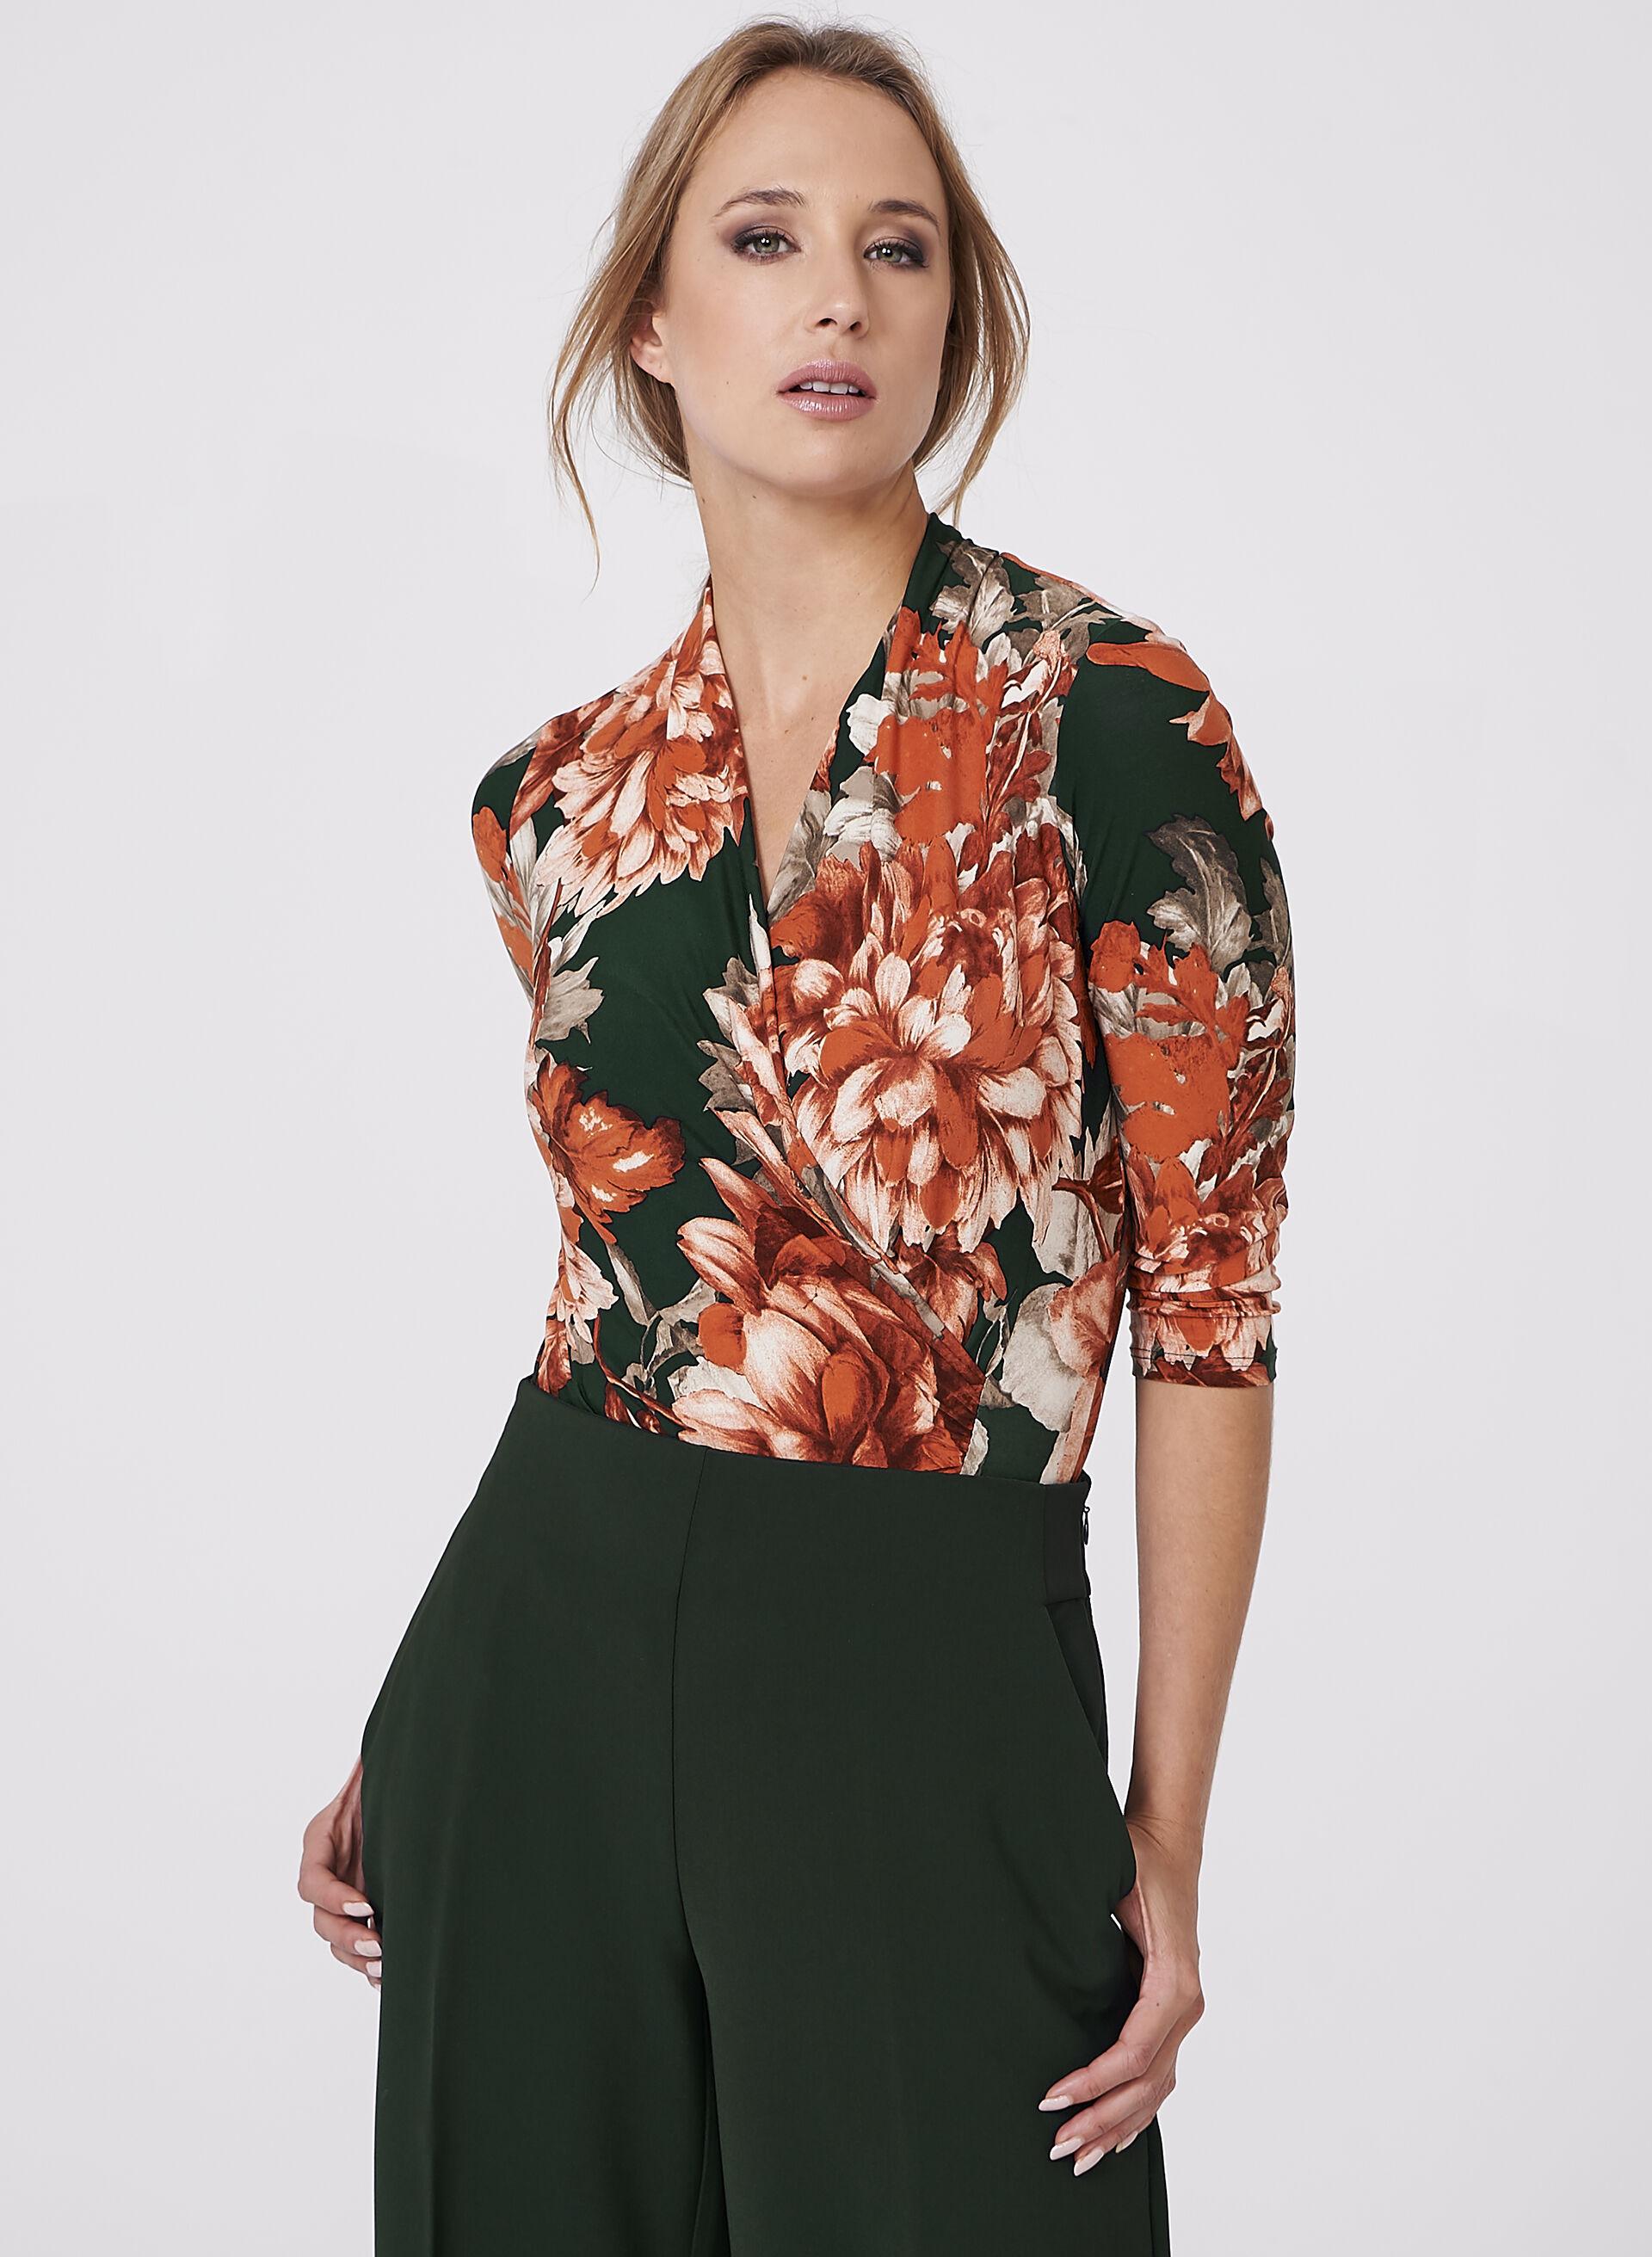 Floral Print Faux Wrap Top | Melanie Lyne